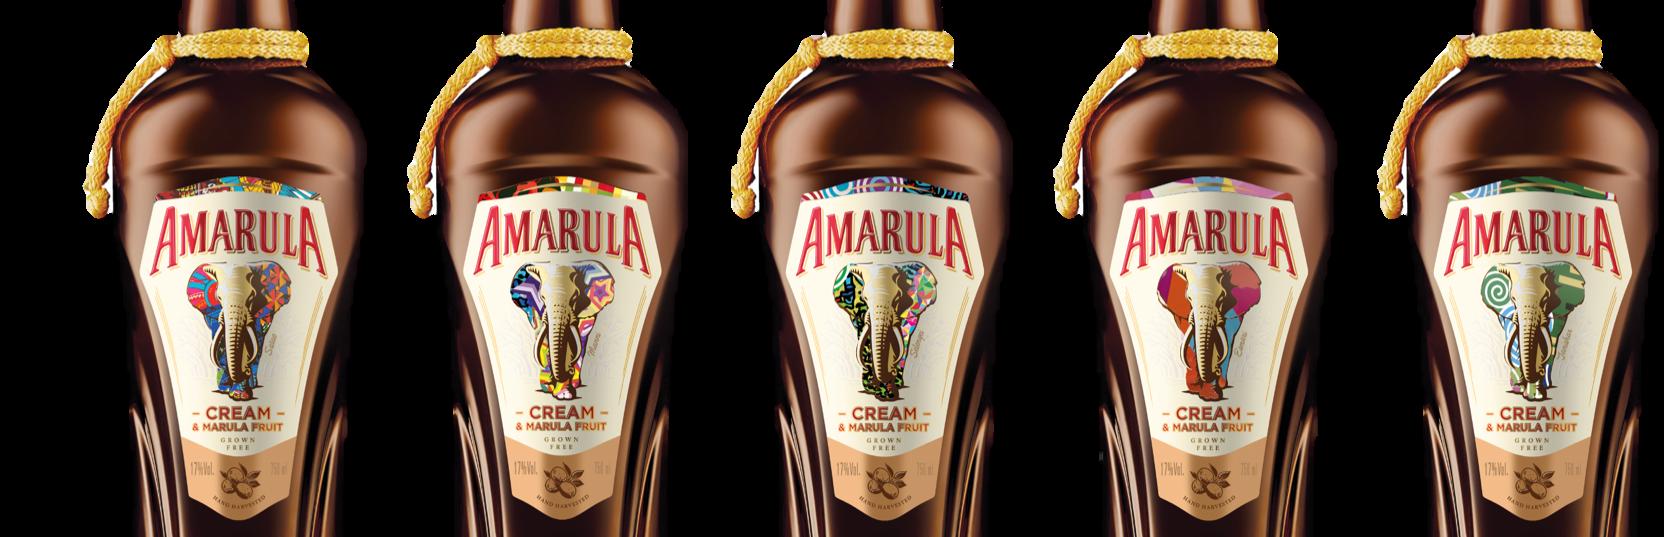 Amarula Name Them Save Them